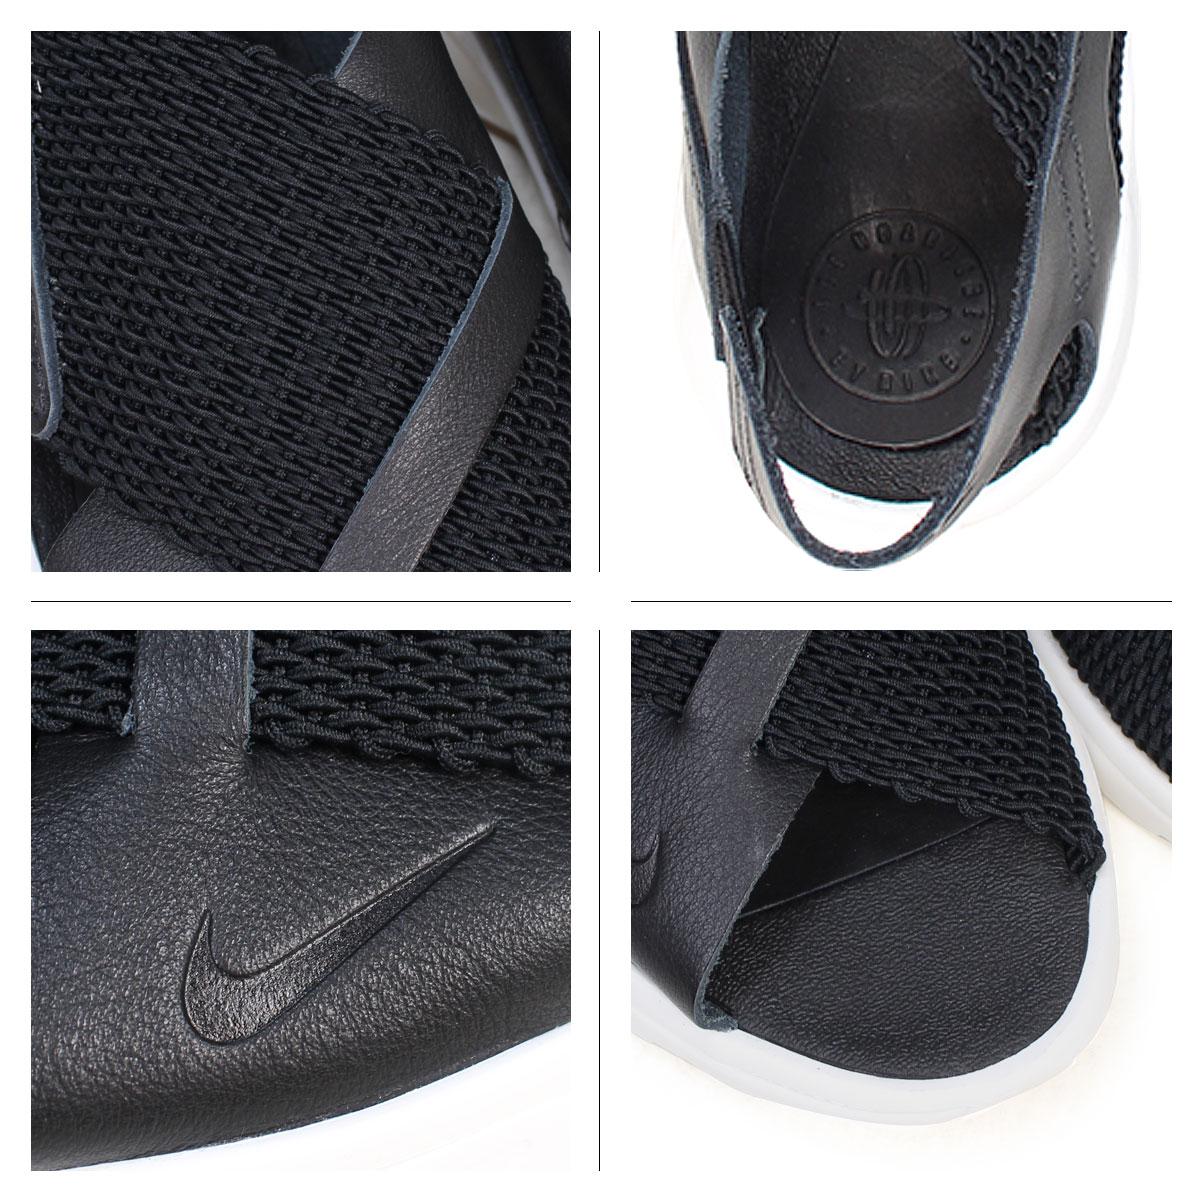 ブラック ナイキ 【最大1000円OFFクーポン ポイント最大32倍】 NIKE [予約商品 6/1頃入荷予定 追加入荷] W AIR HUARACHE ULTRA 885118-001 レディース ウルトラ ハラチ エア 靴 サンダル メンズ